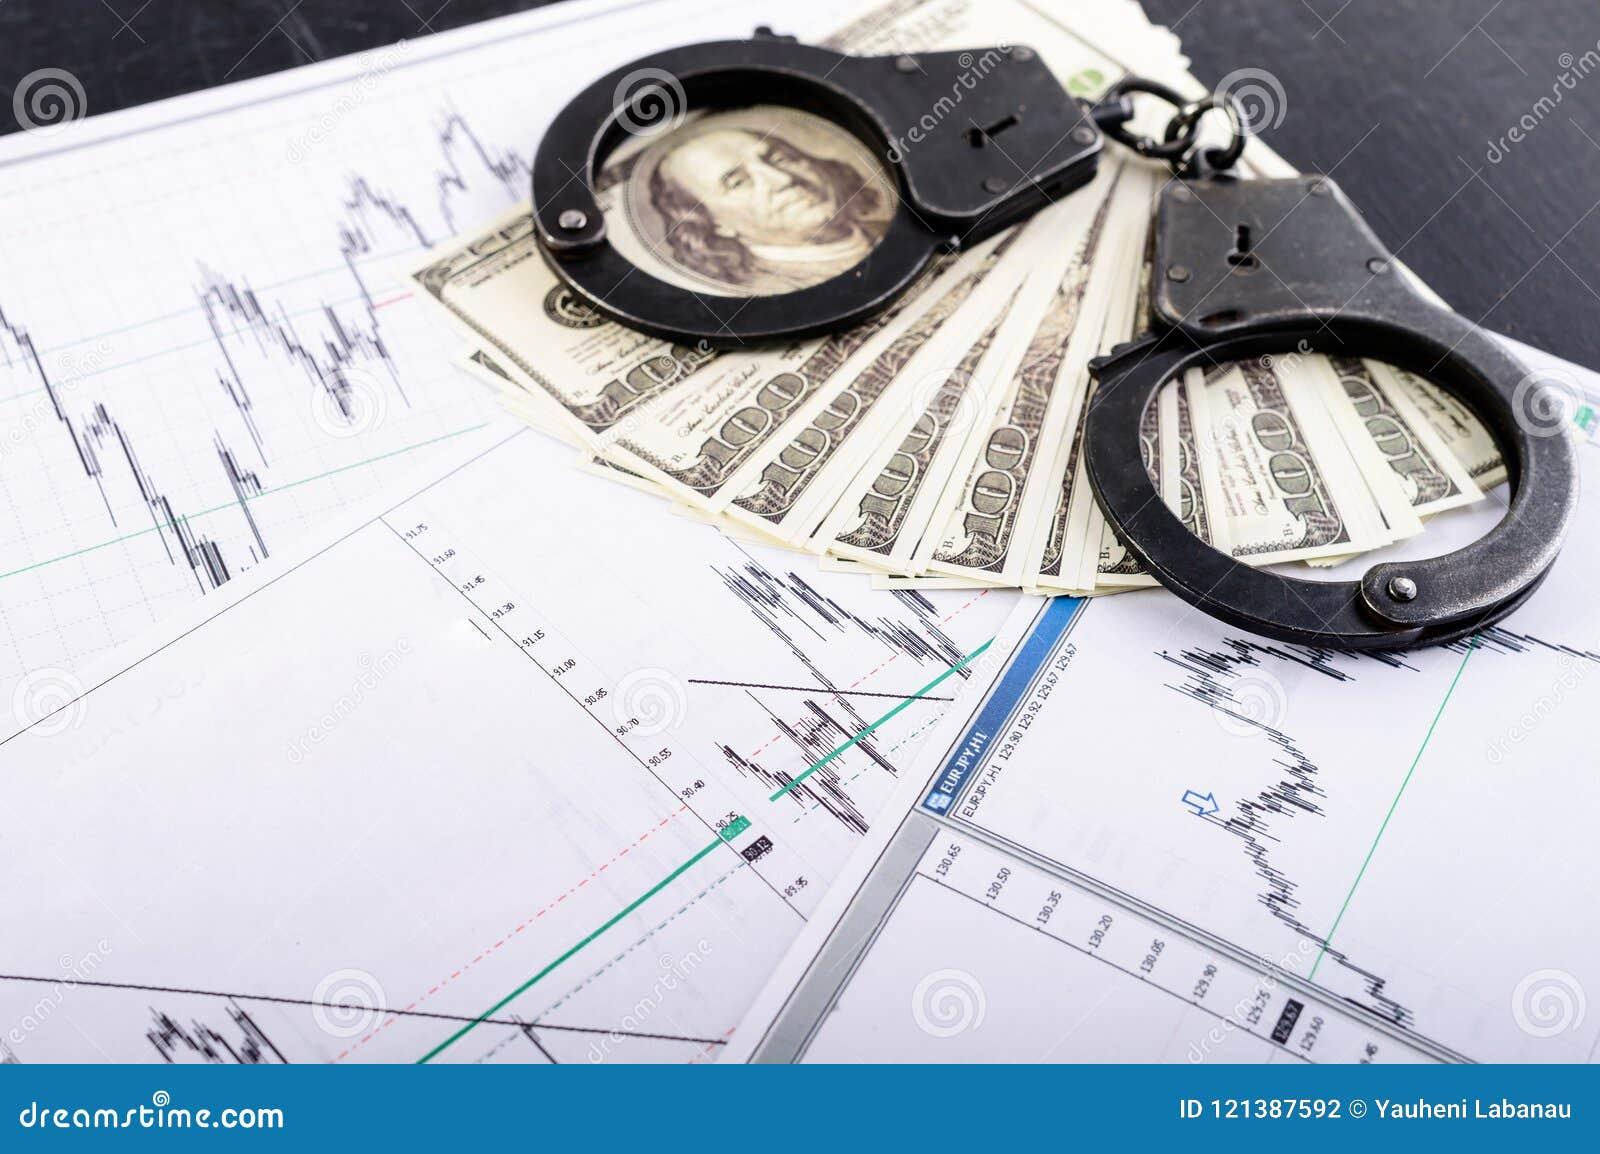 Konzept des Verbrechens, Bestechungsgeld, Verzögerung Handschellen, hundert dolla